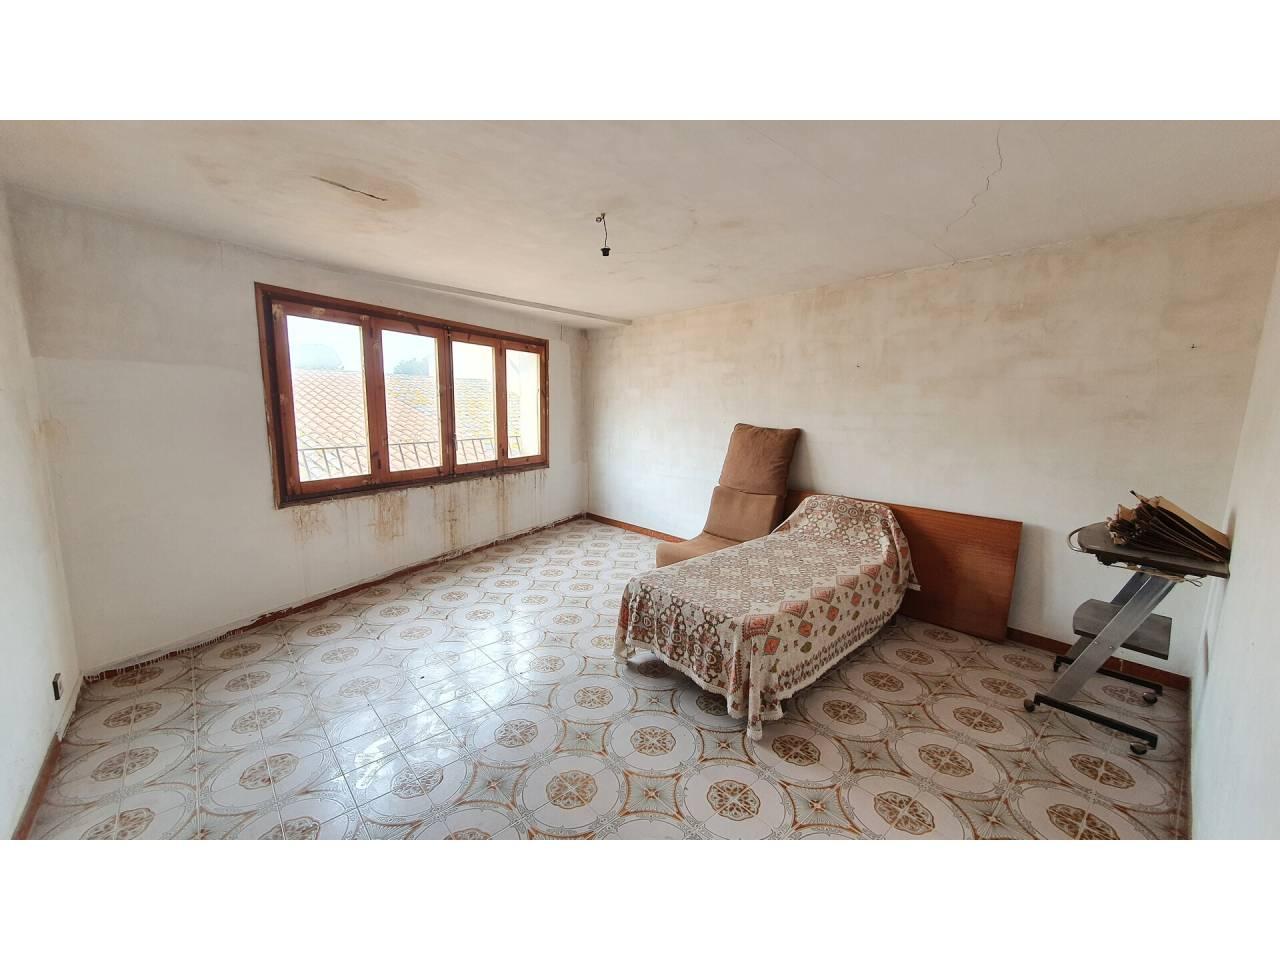 casa en vinyols-i-els-arcs · vinyols-i-els-arcs 120000€